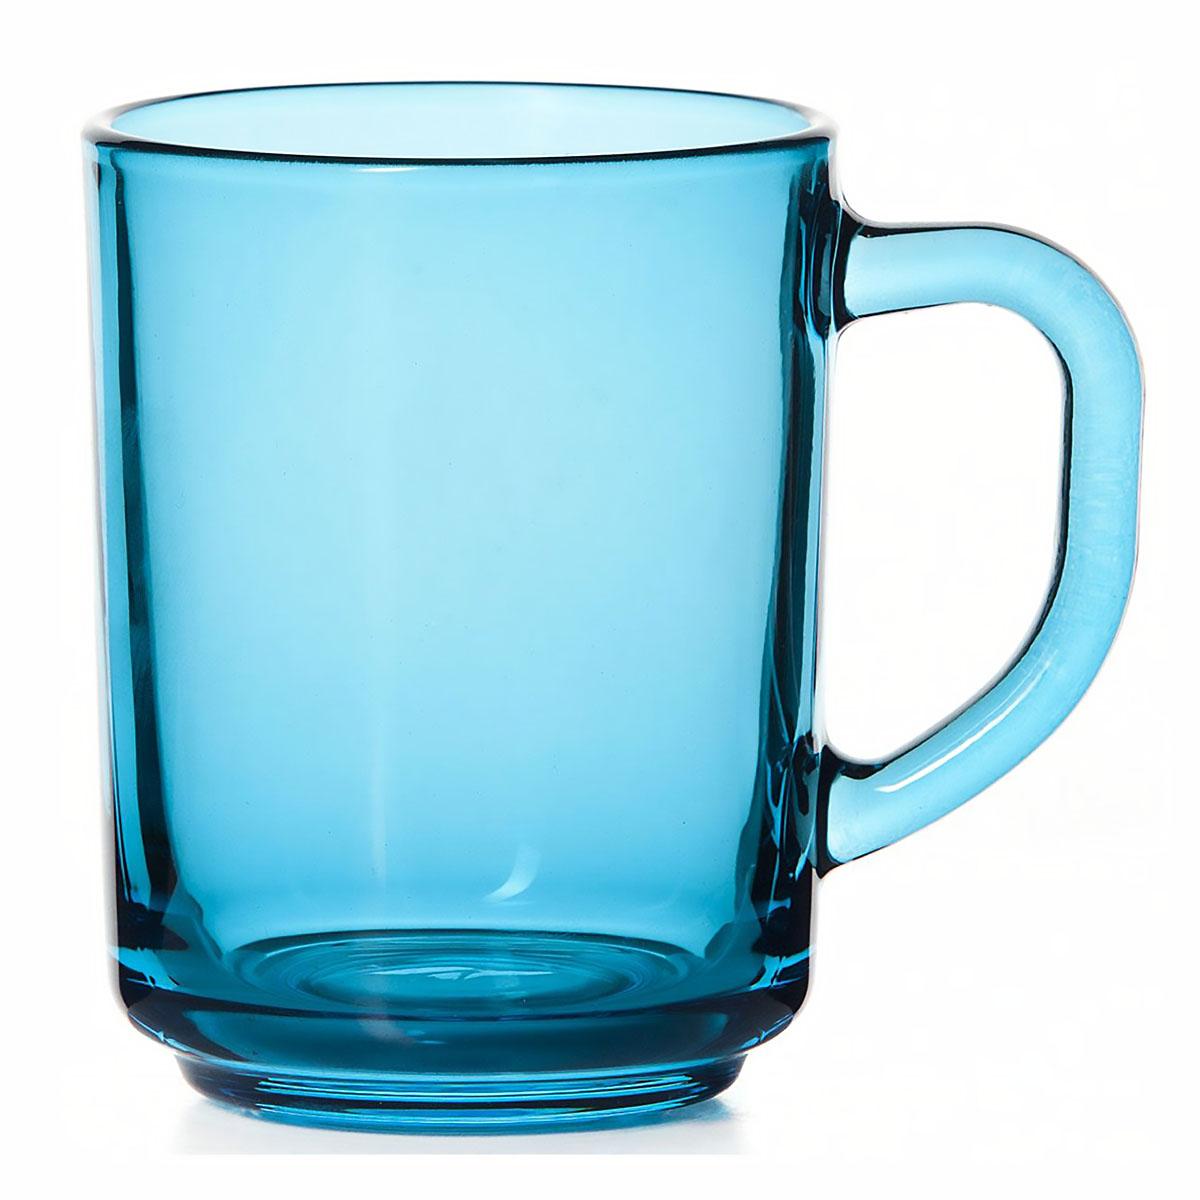 Стеклянная кружка Enjoy голубая, 250 мл кружка стеклянная с пластиковой соломинкой je peux pas 450 мл